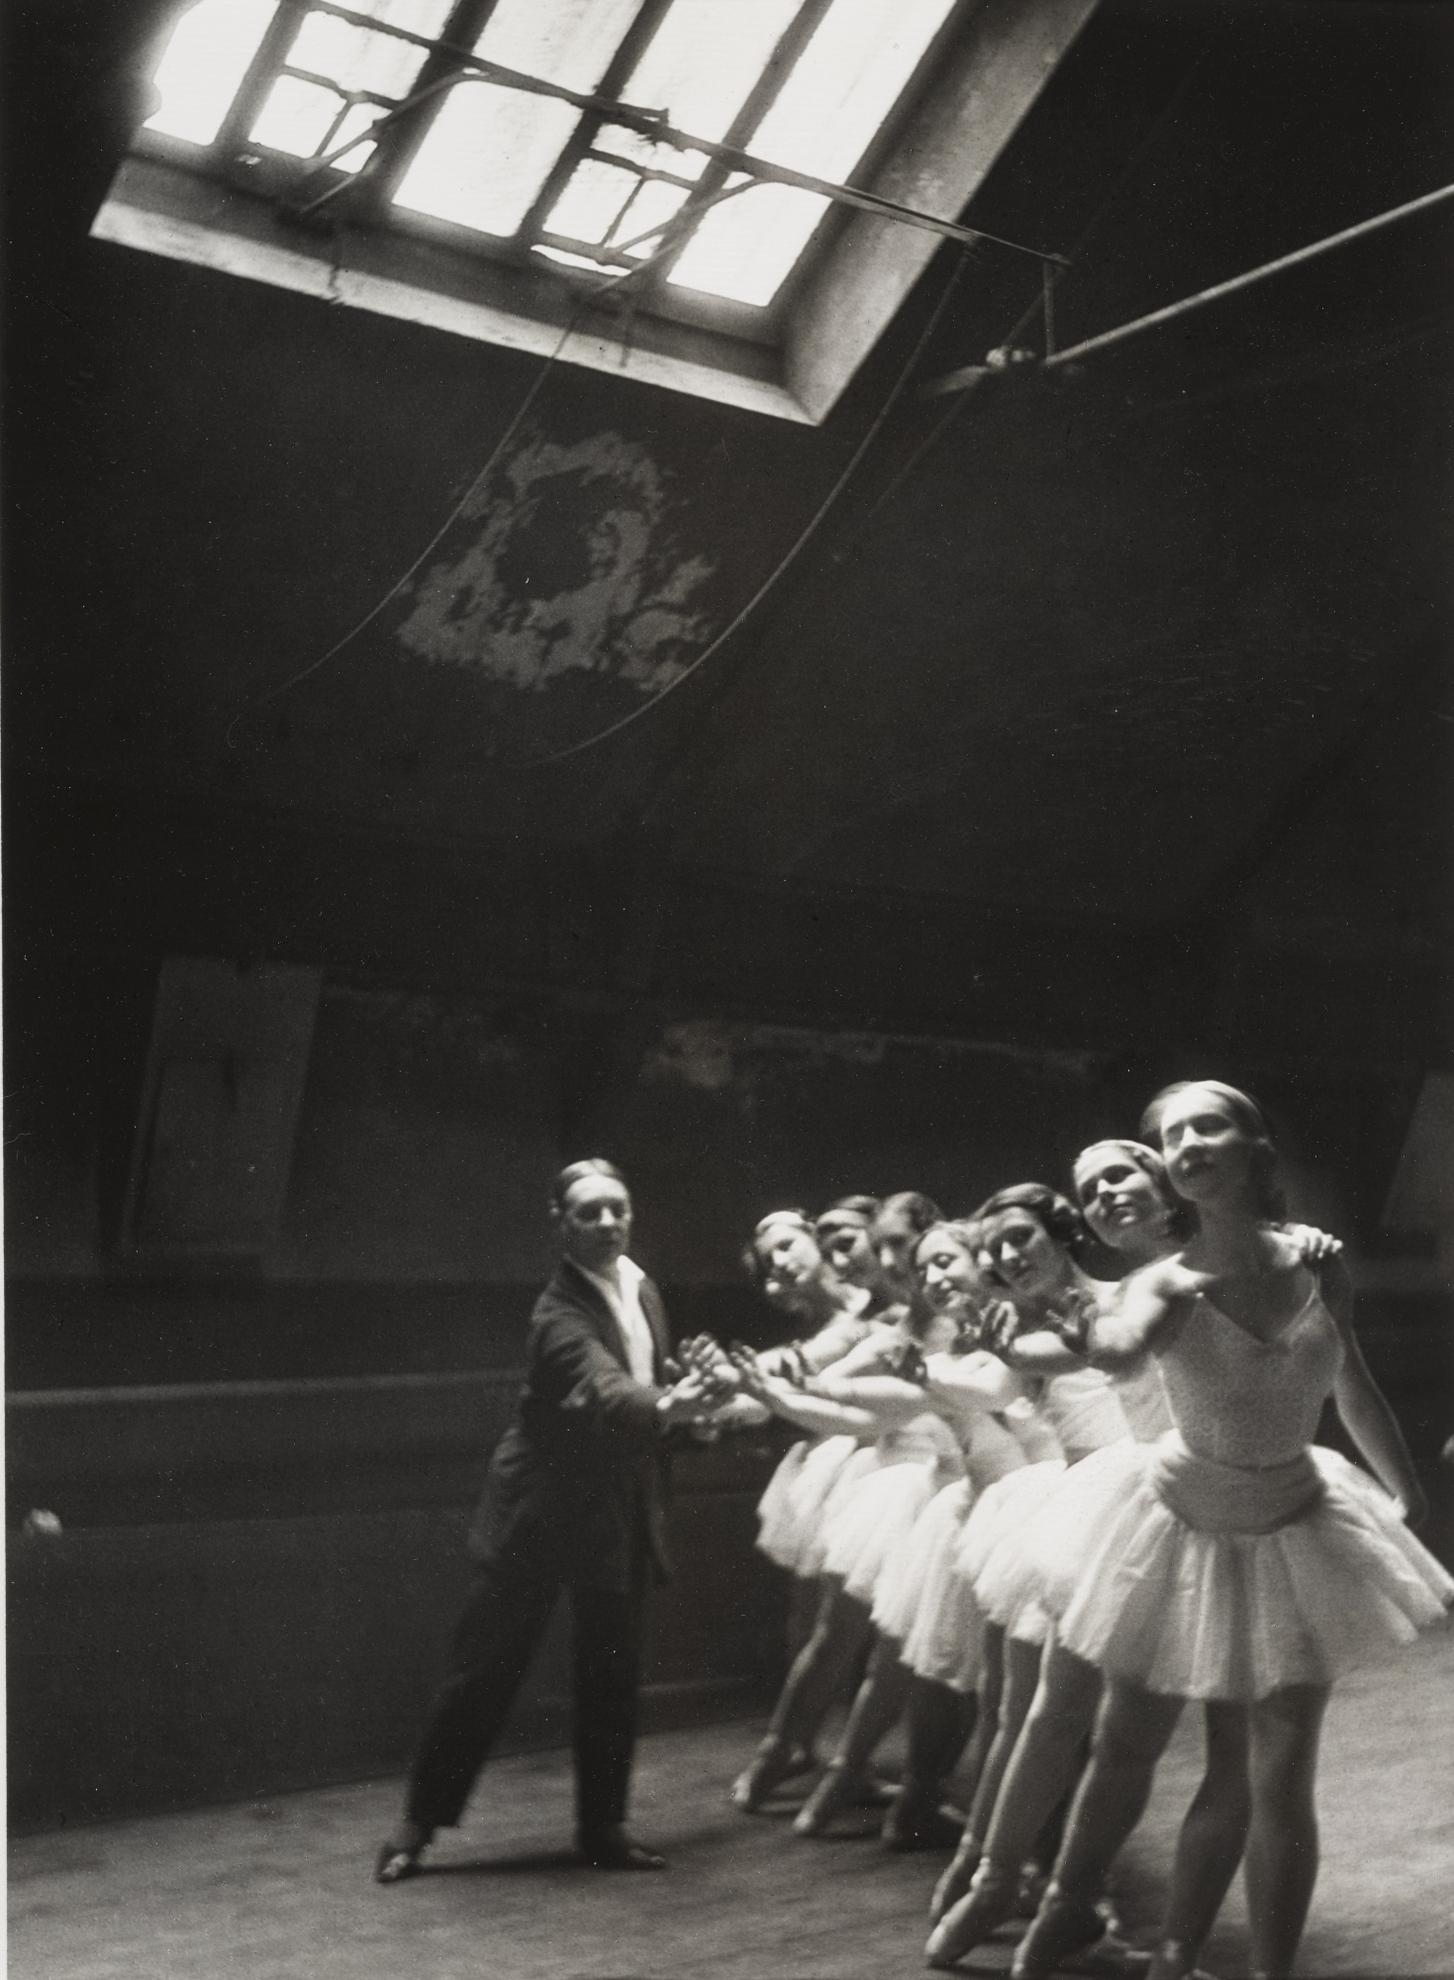 Alfred Eisenstaedt-Dancers Rehearse Swan Lake, Paris Opera-1930